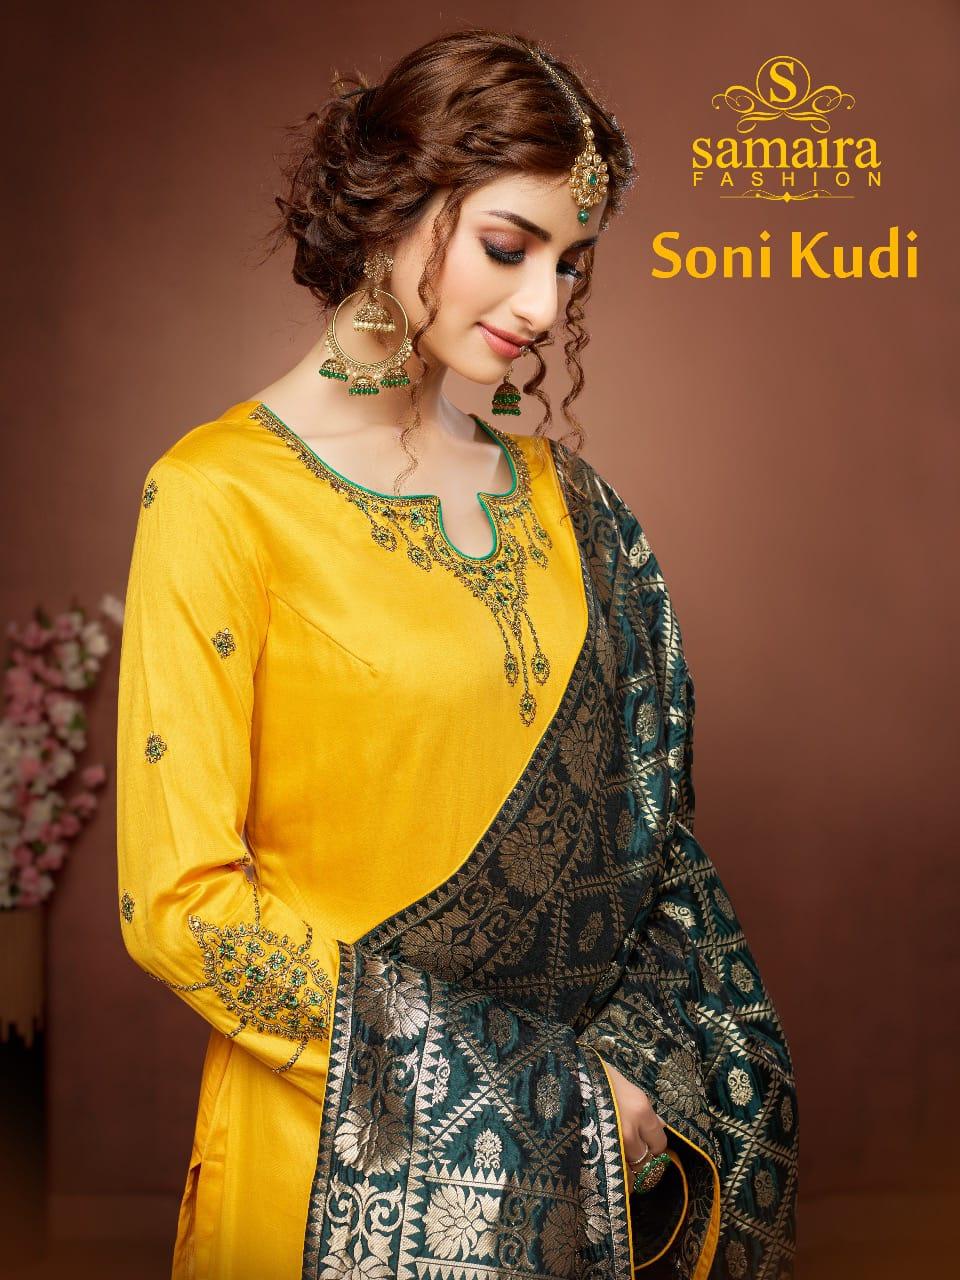 Samaira Fashion Soni Kudi Cotton Jam Silk Banarasi Look Suit In Surat Market